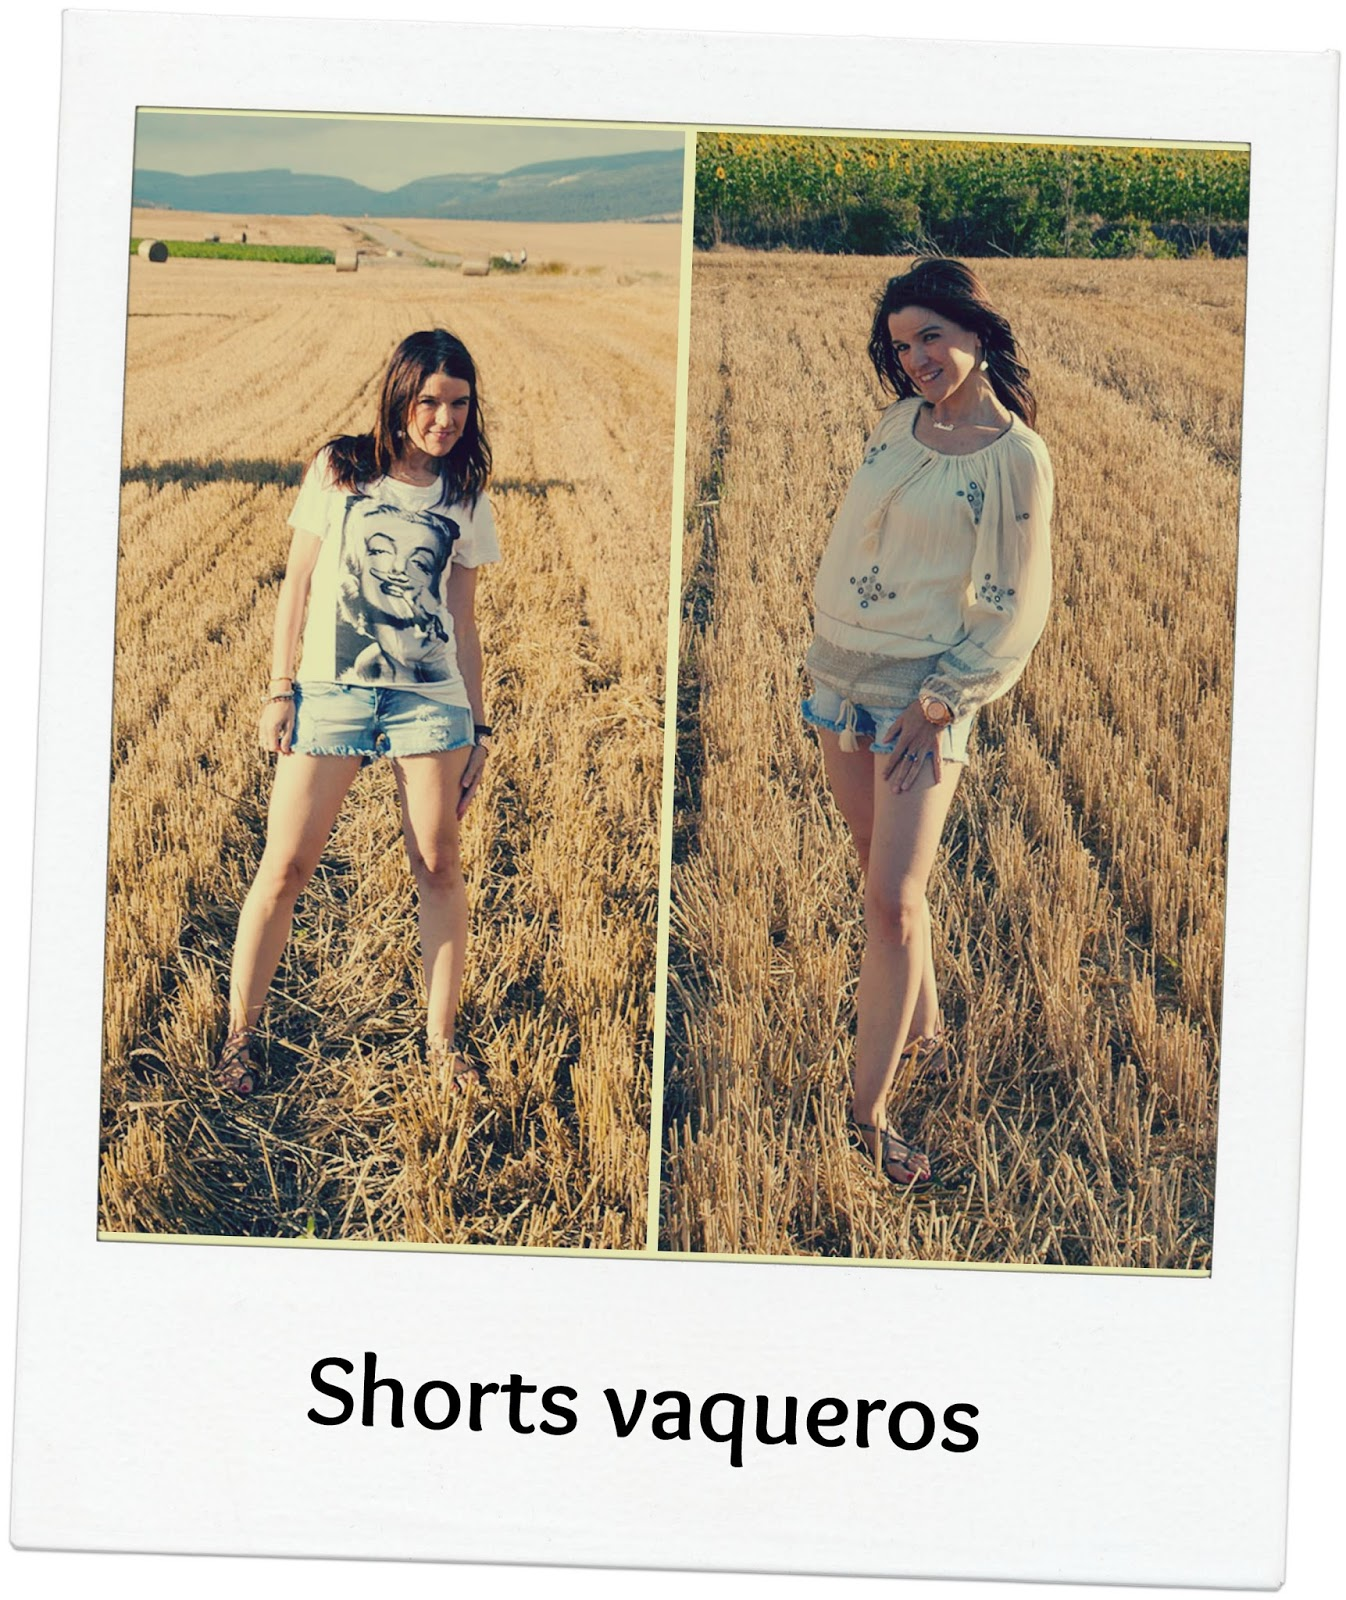 Dos propuestas para unos shorts vaqueros